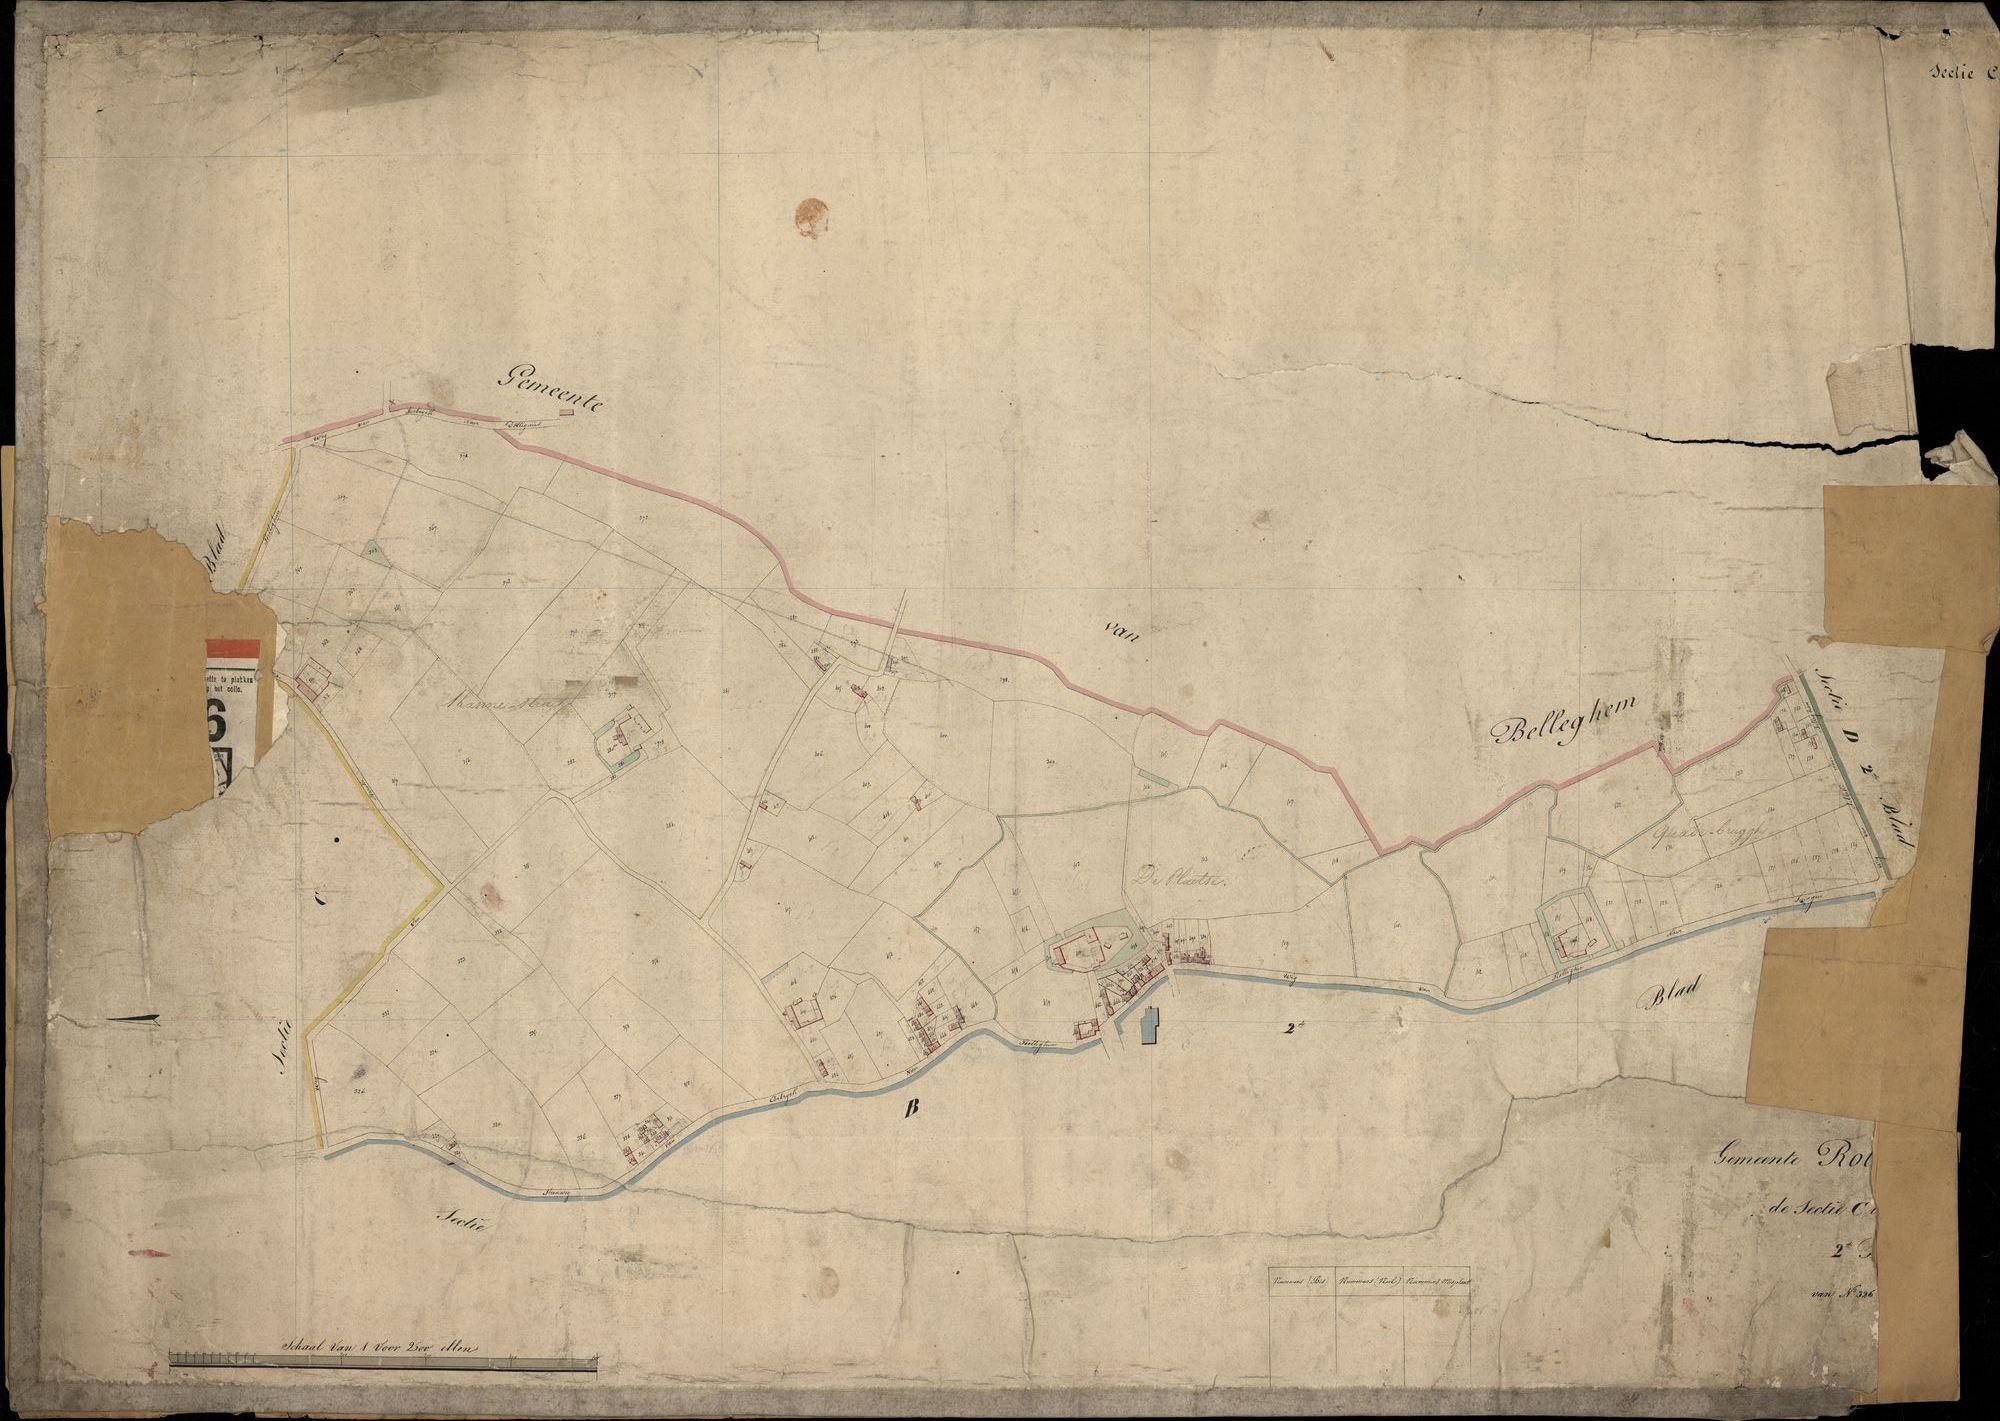 Kadastrale kaarten van Rollegem, 19de eeuw